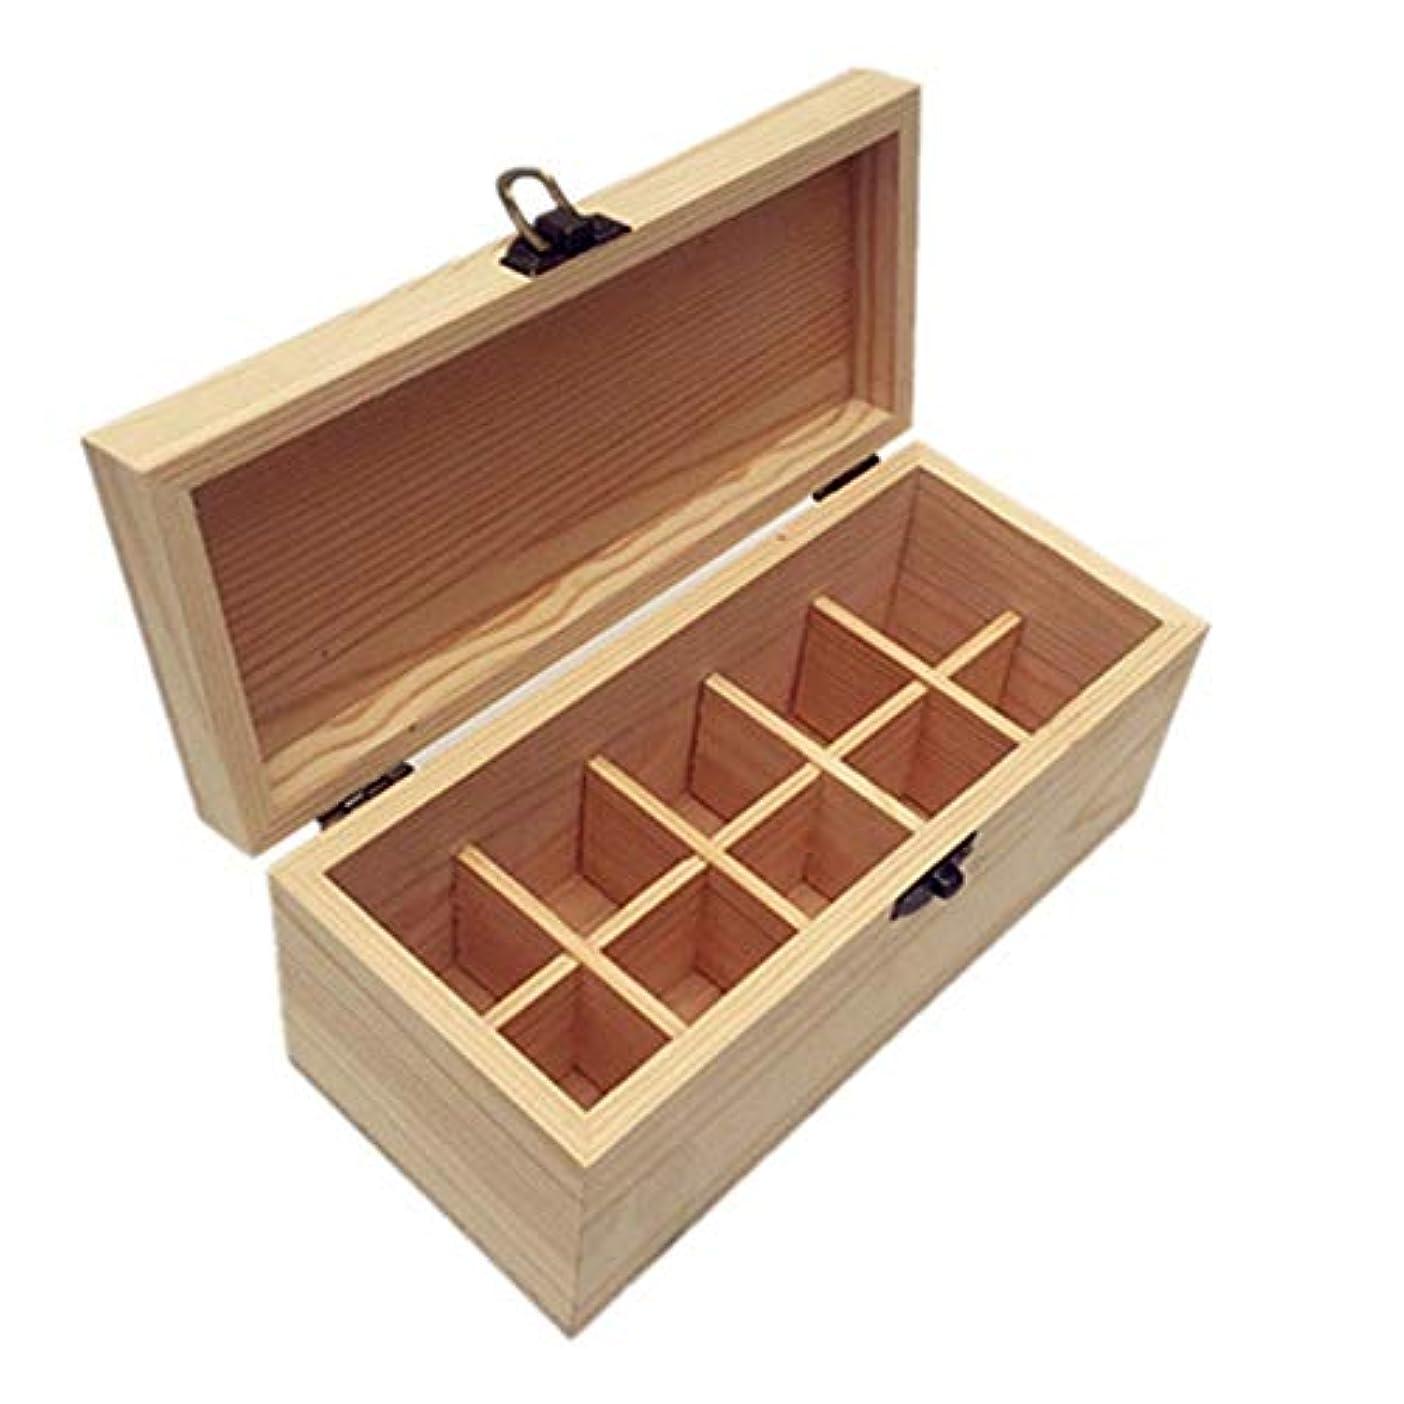 設計羊制限されたエッセンシャルオイル収納ボックス アロマ油の10個のスロット木製のエッセンシャルオイルストレージボックスオーガナイザーは21.2x9.5x9cmボトル ポータブル収納ボックス (色 : Natural, サイズ : 21.2X9.5X9CM)